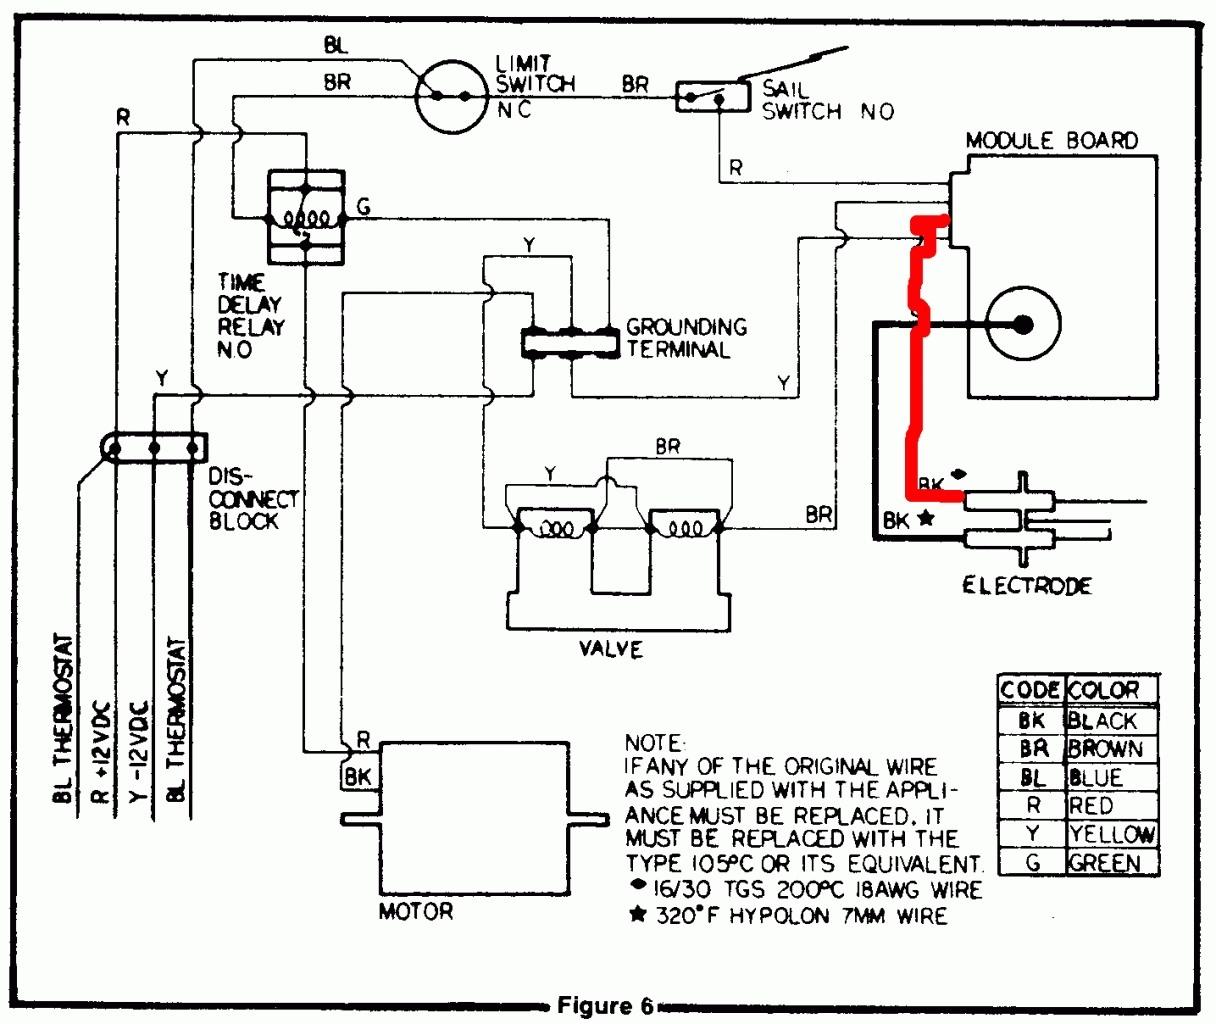 Coleman Mach Rv Thermostat Wiring Diagram